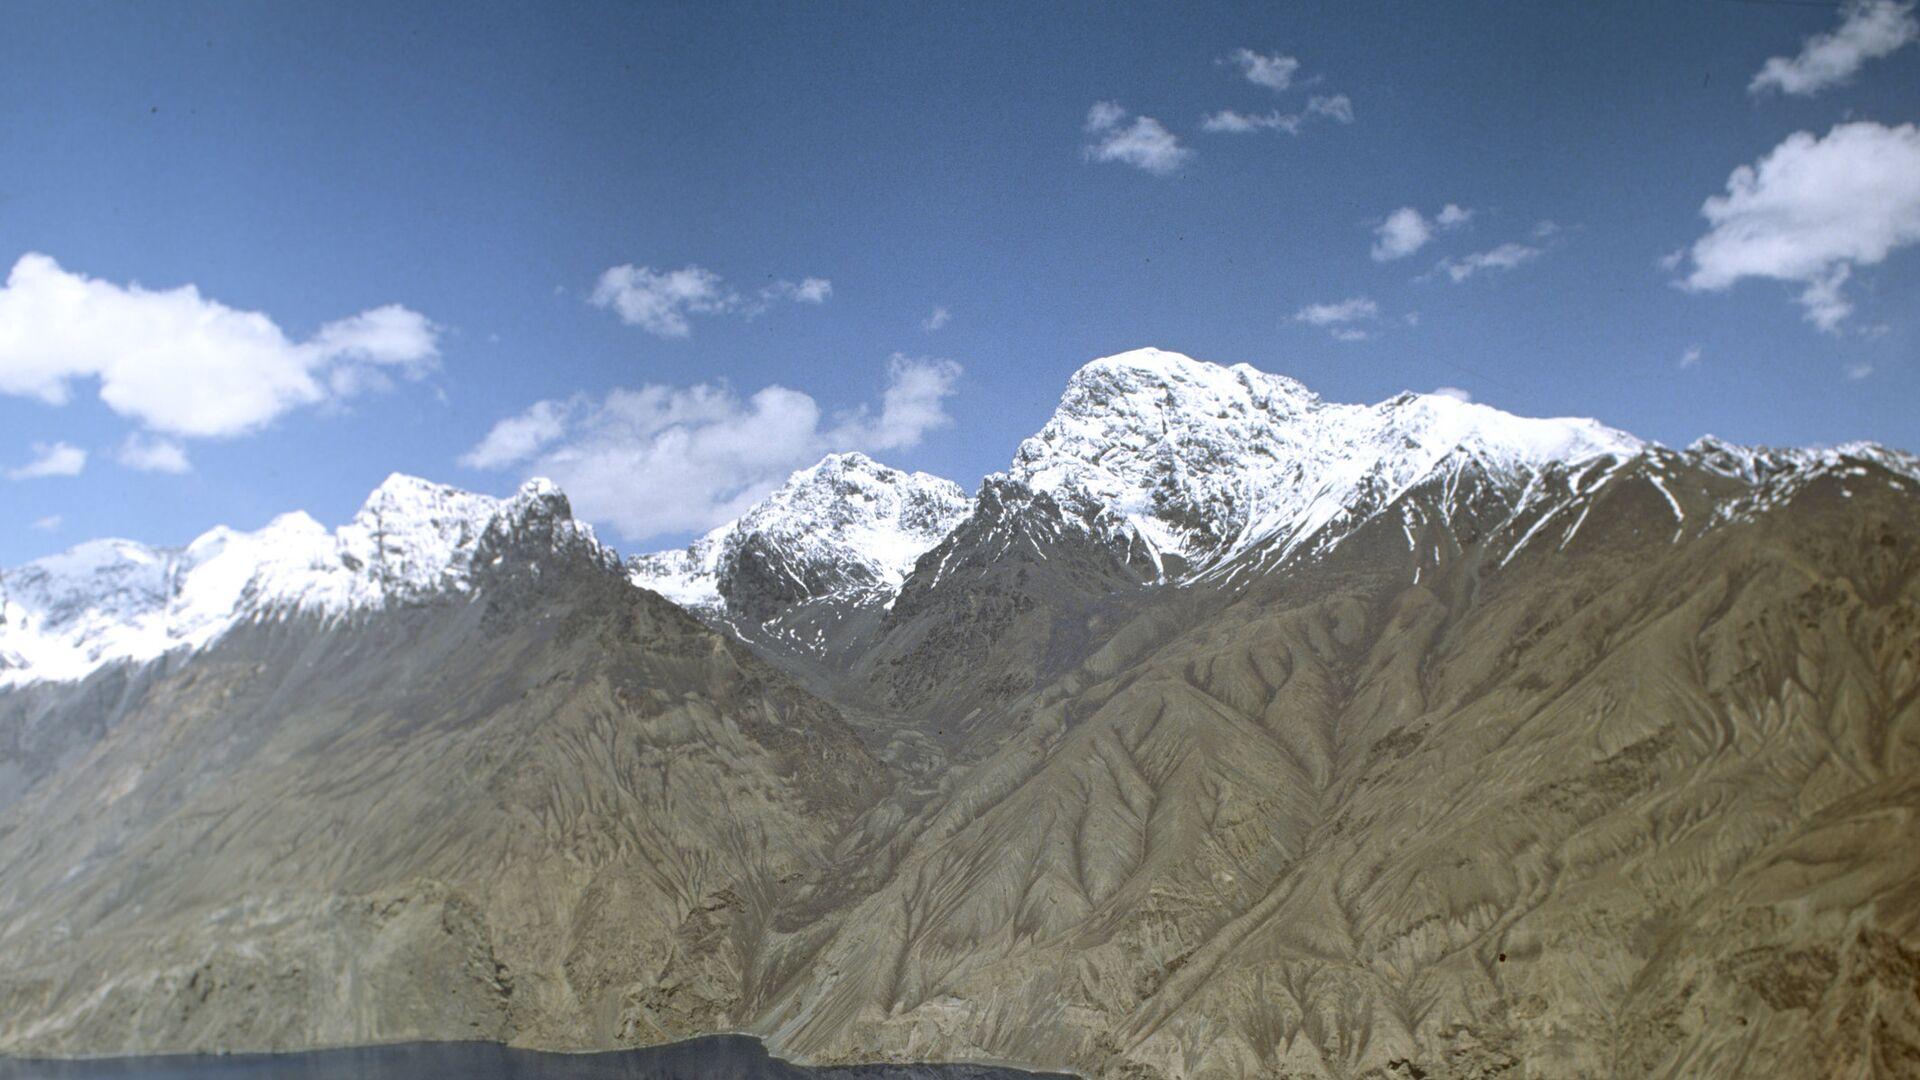 Горный пейзаж в районе Сарезского озера. Архивное фото - Sputnik Таджикистан, 1920, 27.09.2021